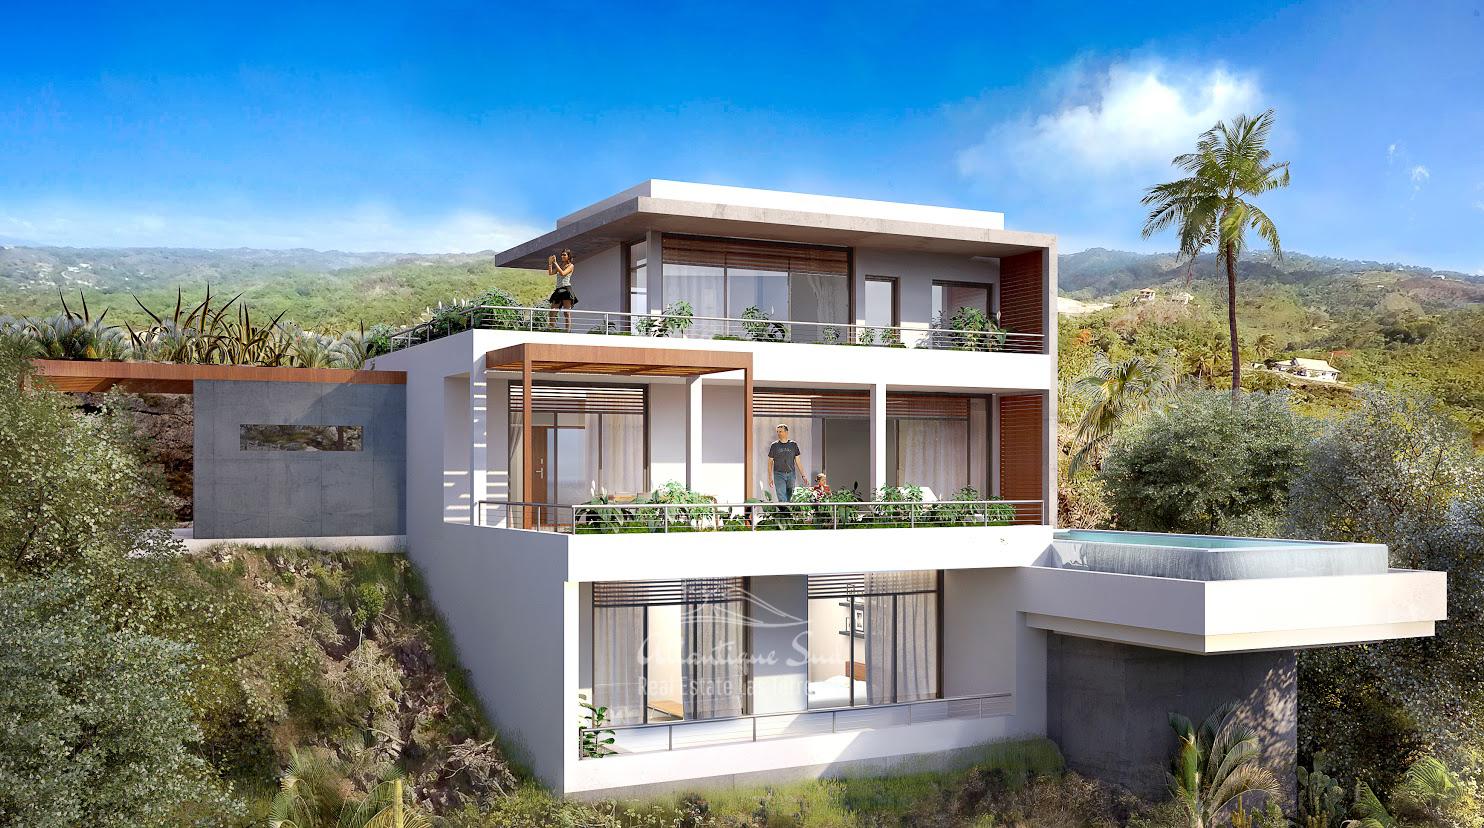 Ecofriendly Villas under development on a hillside with amazing ocean views in Las Terrenas Real Estate Dominican Republic9.jpg